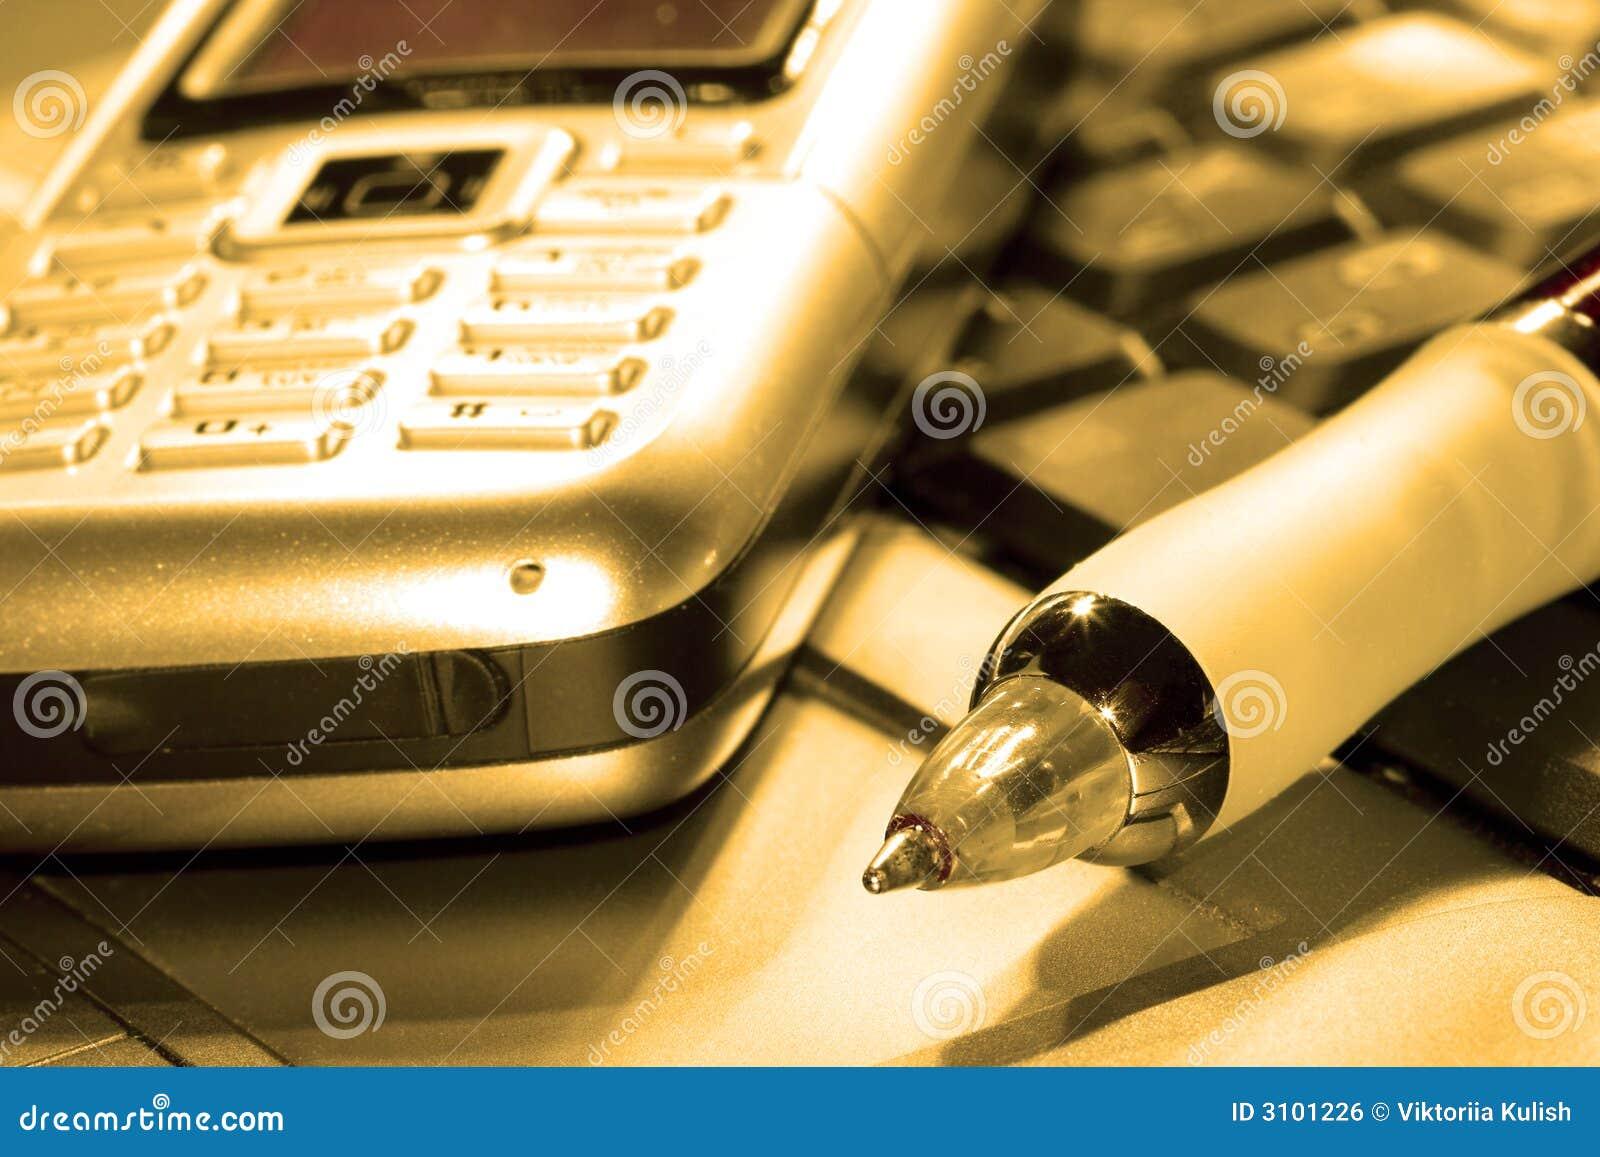 Teléfono móvil en el ordenador